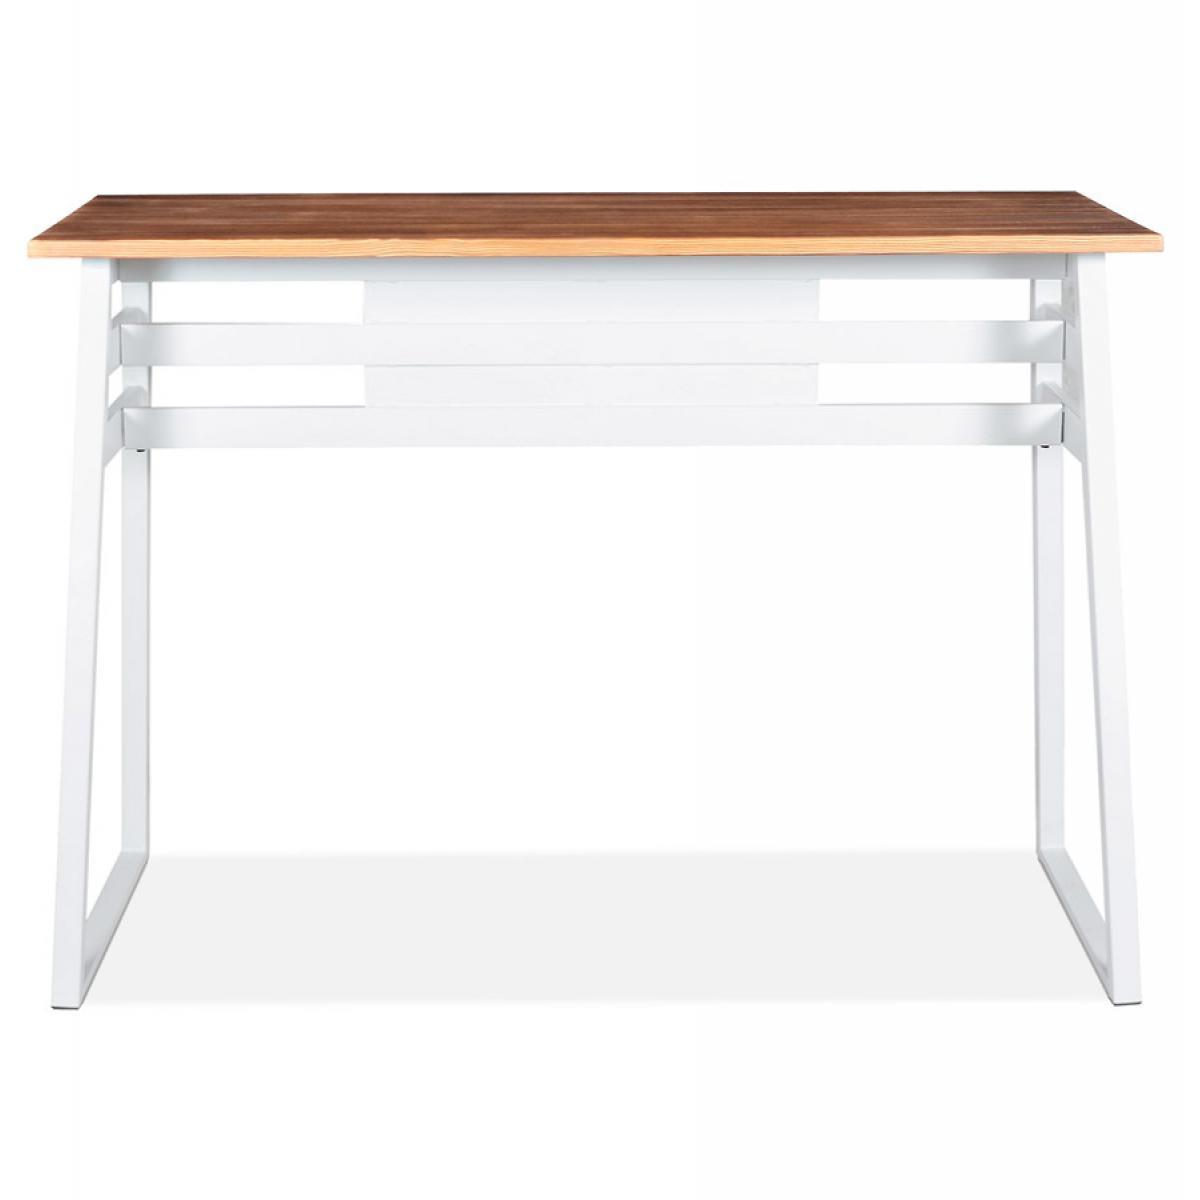 Alterego Table de bar haute 'NIKI' en bois massif et pied en métal blanc - 150x60 cm